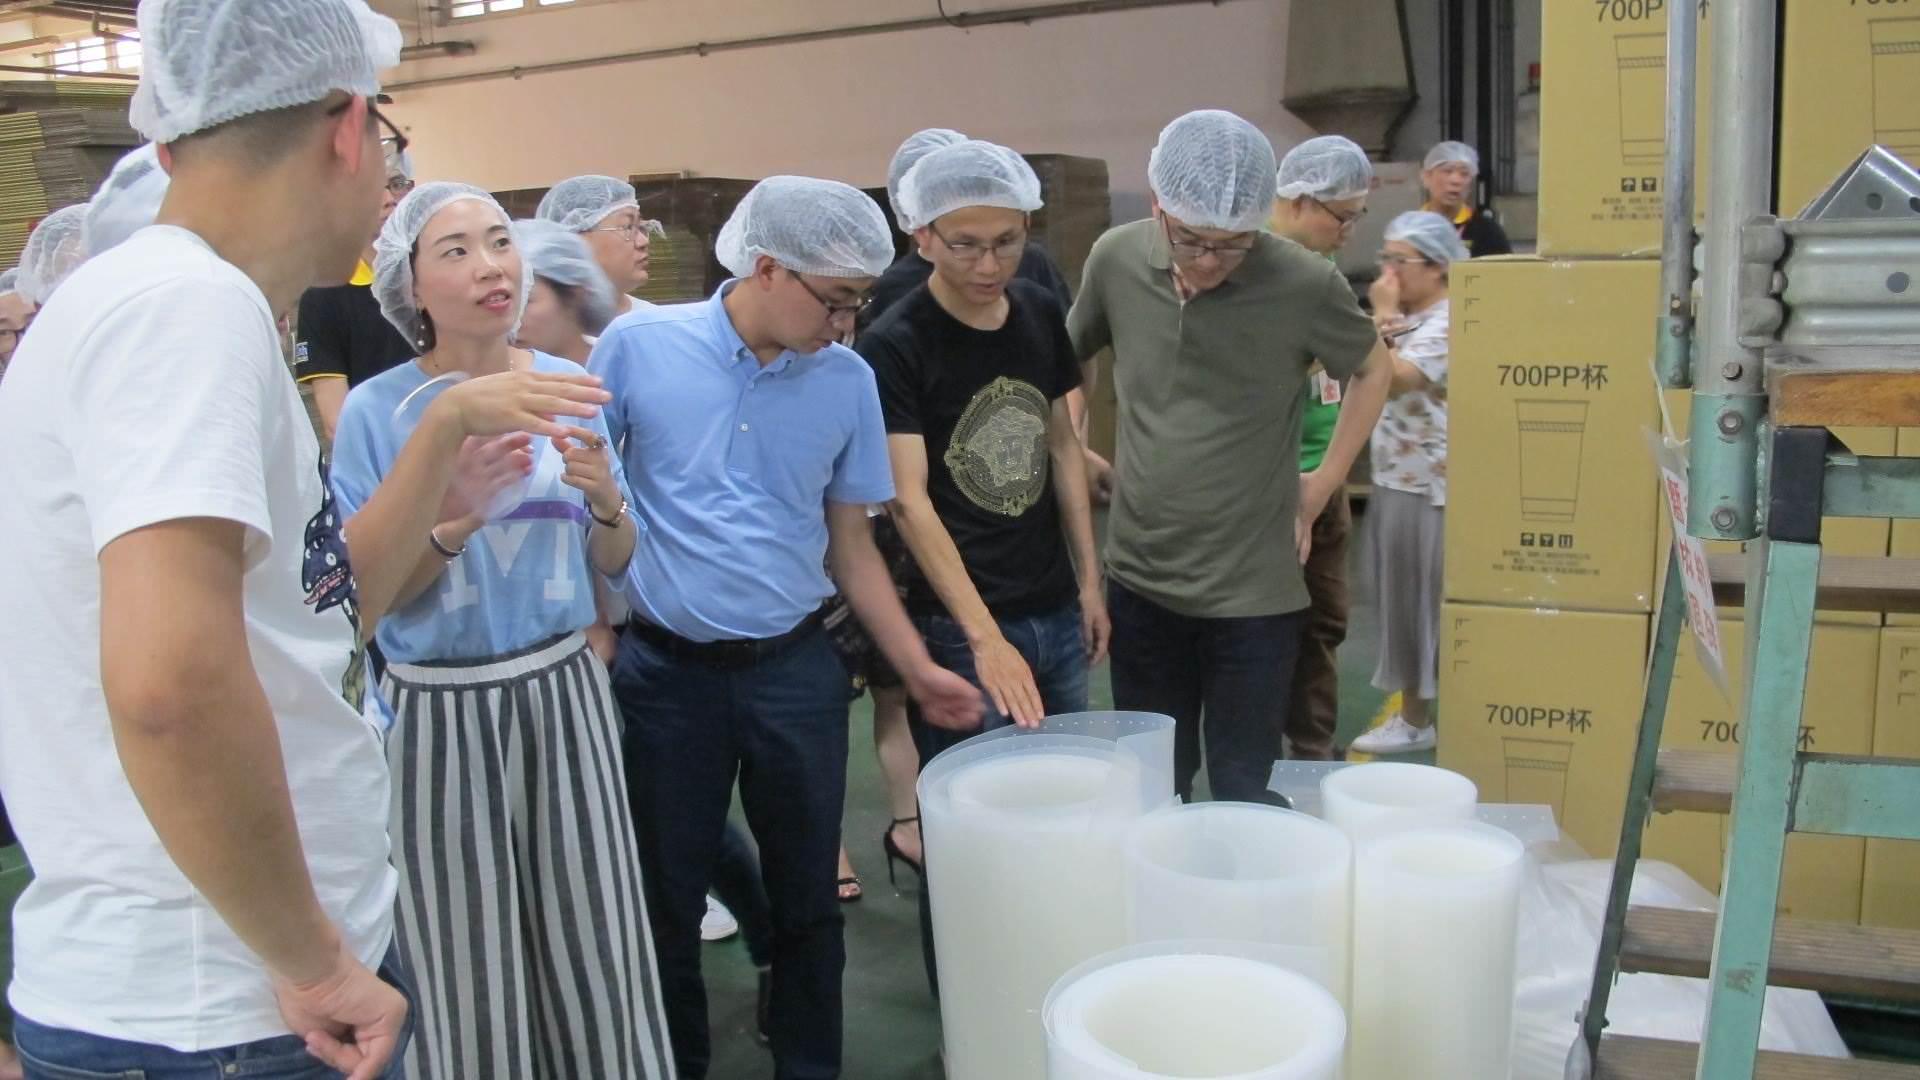 [阿里巴巴B2B] 上海網商來台訪問心得-百鮮食品/瑞興工業